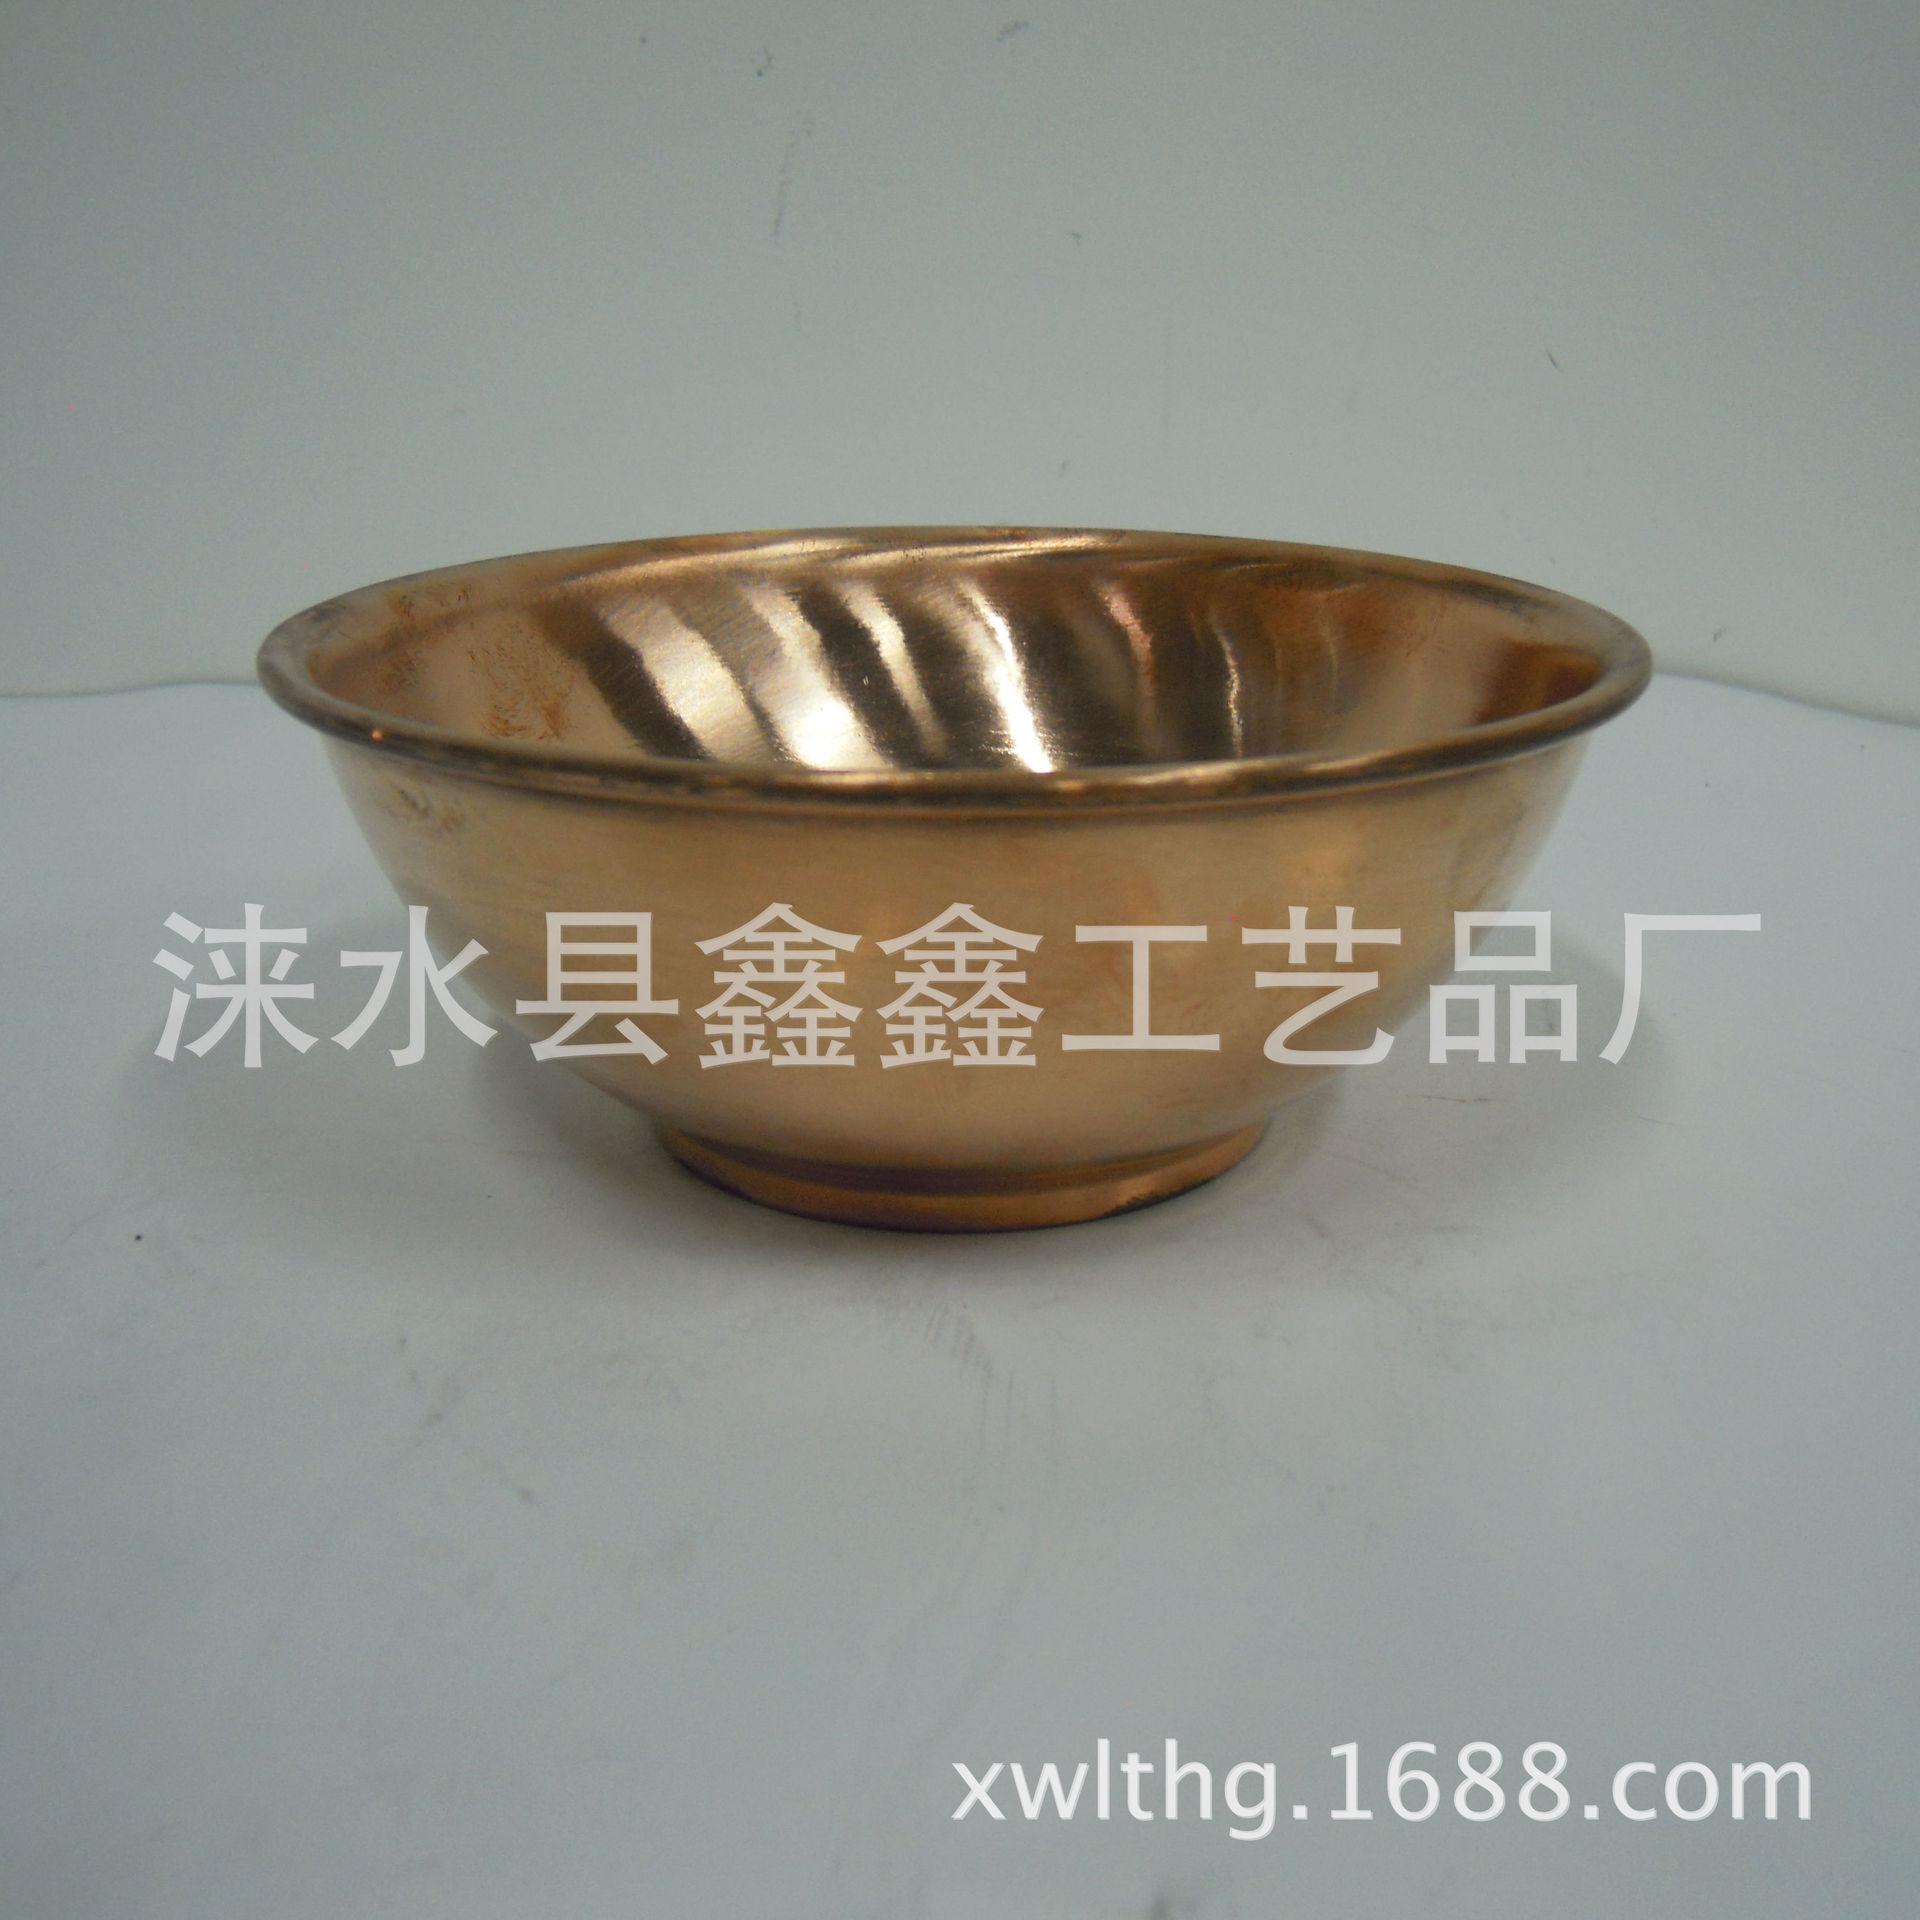 铜制品 火锅碗 纯铜碗 加厚型质量保证